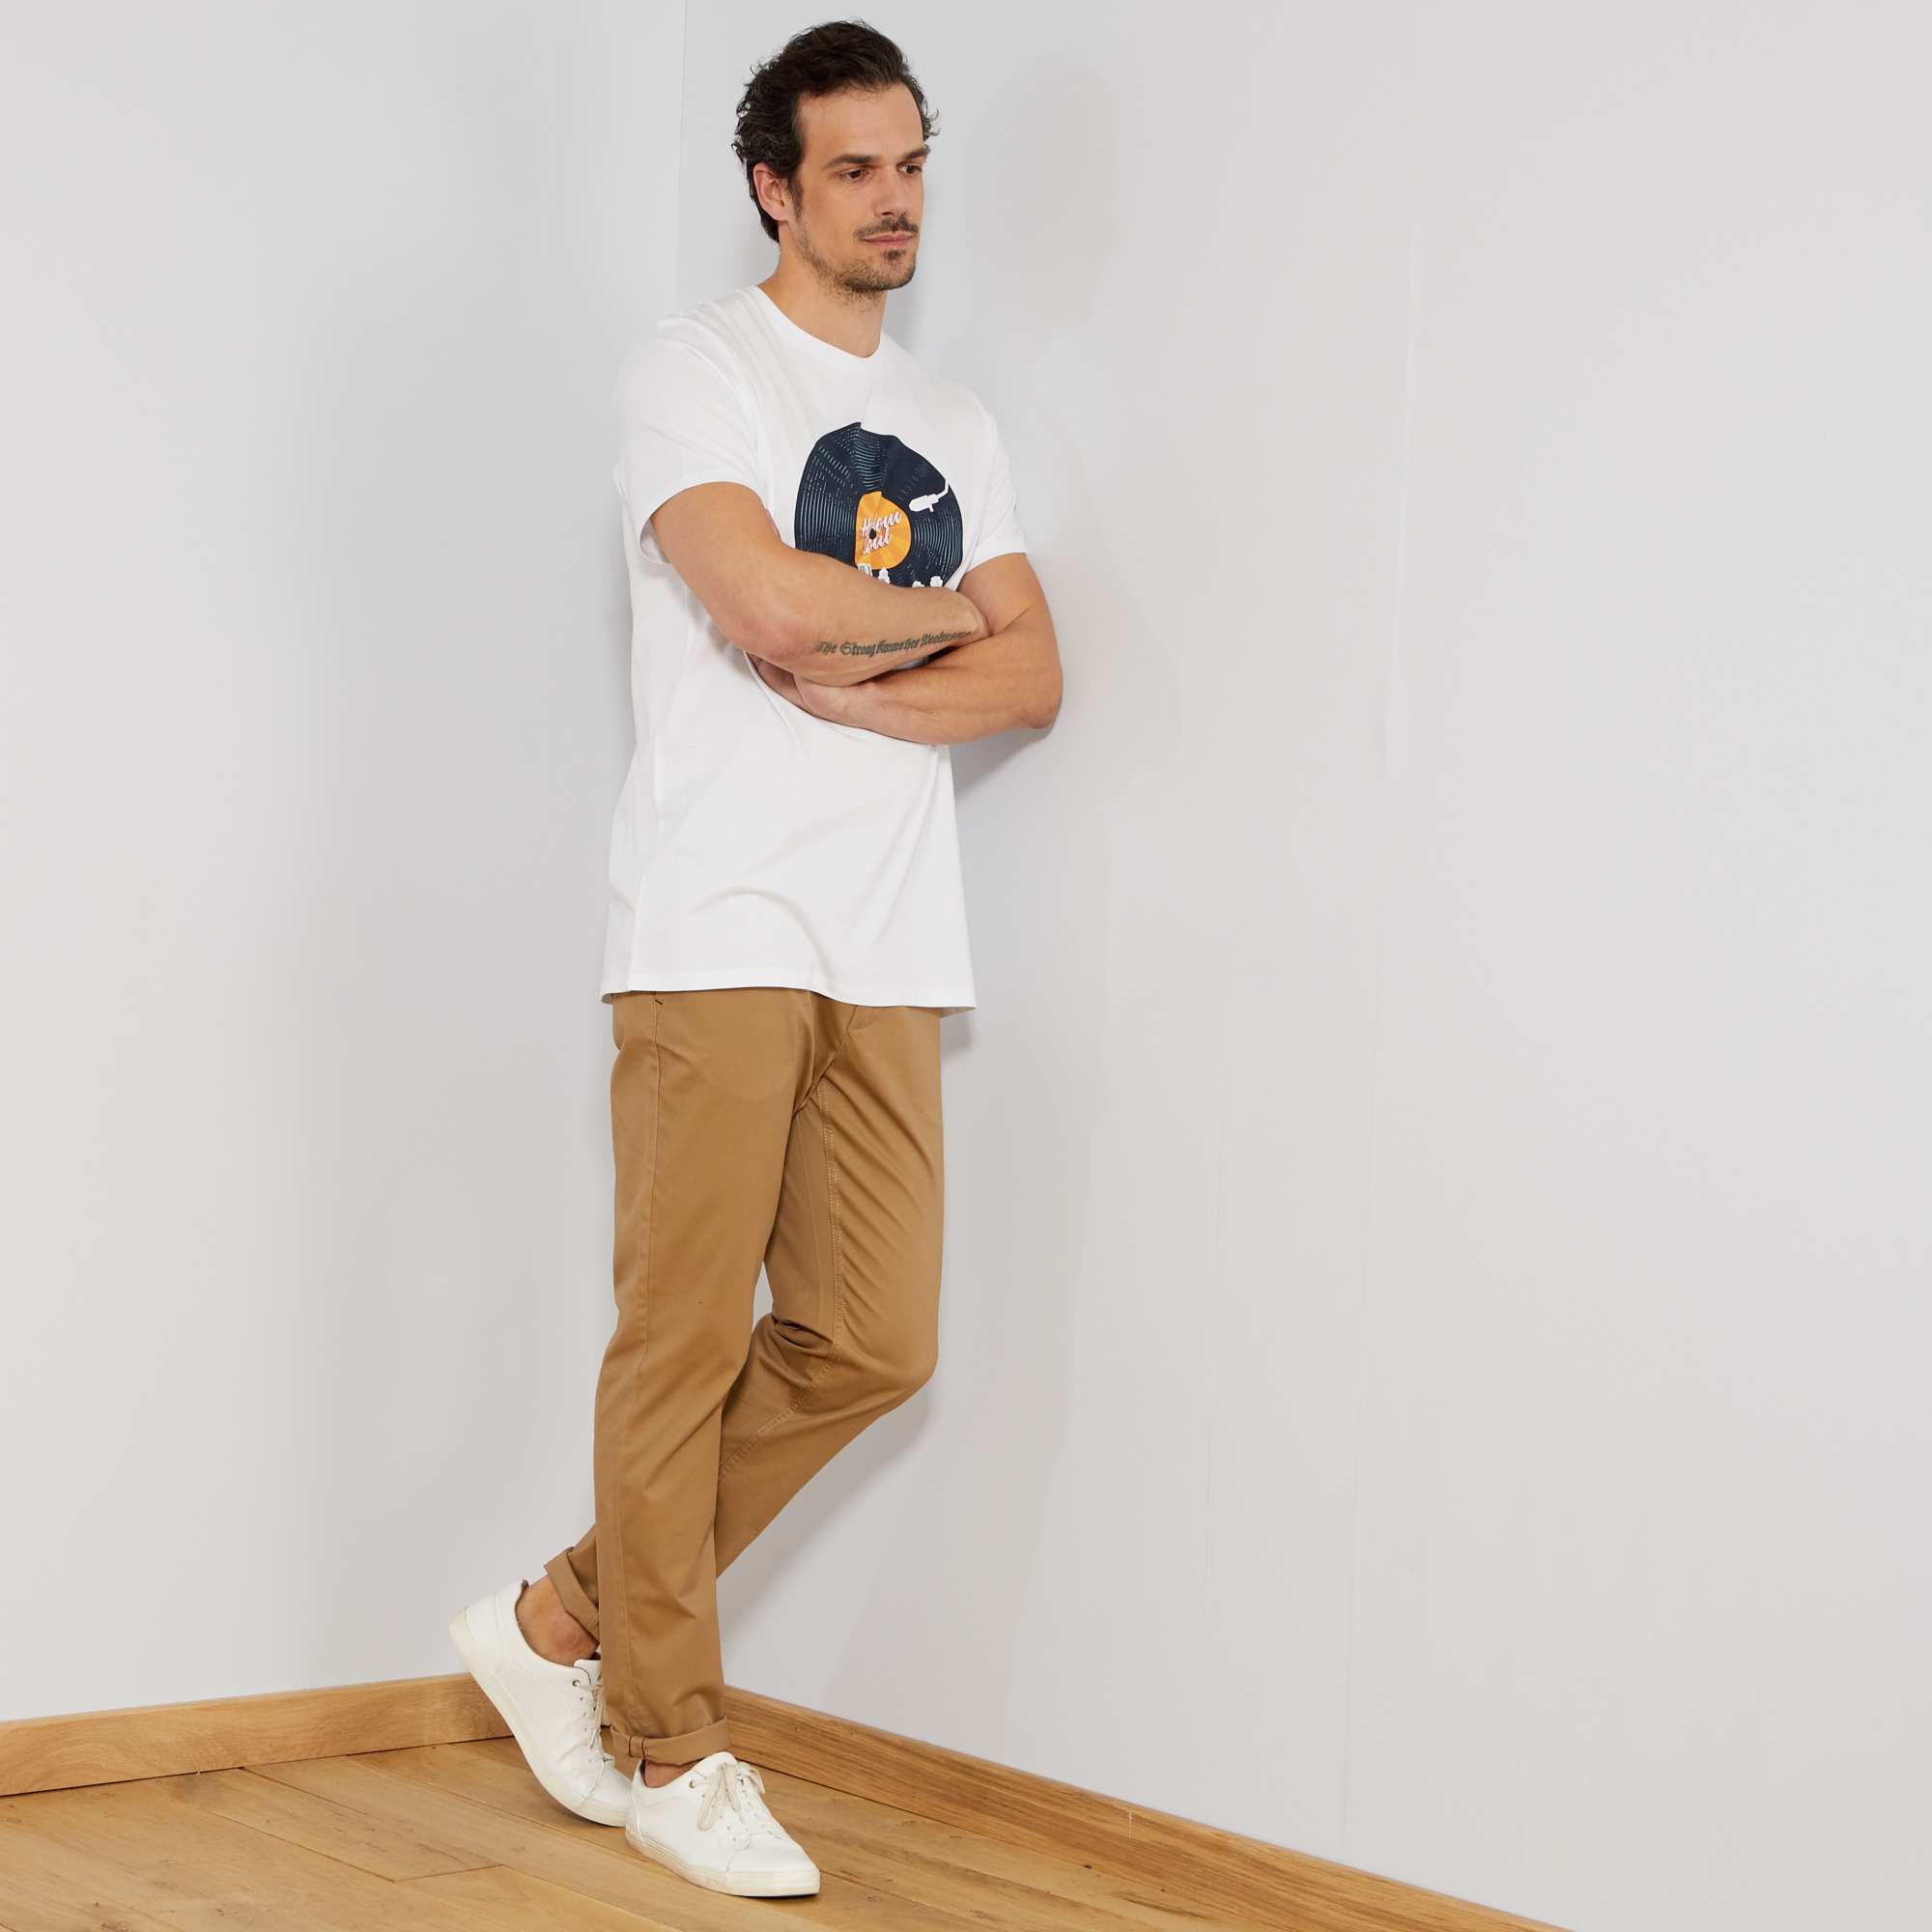 Pantalon beige - Que porter avec un pantalon beige femme ...